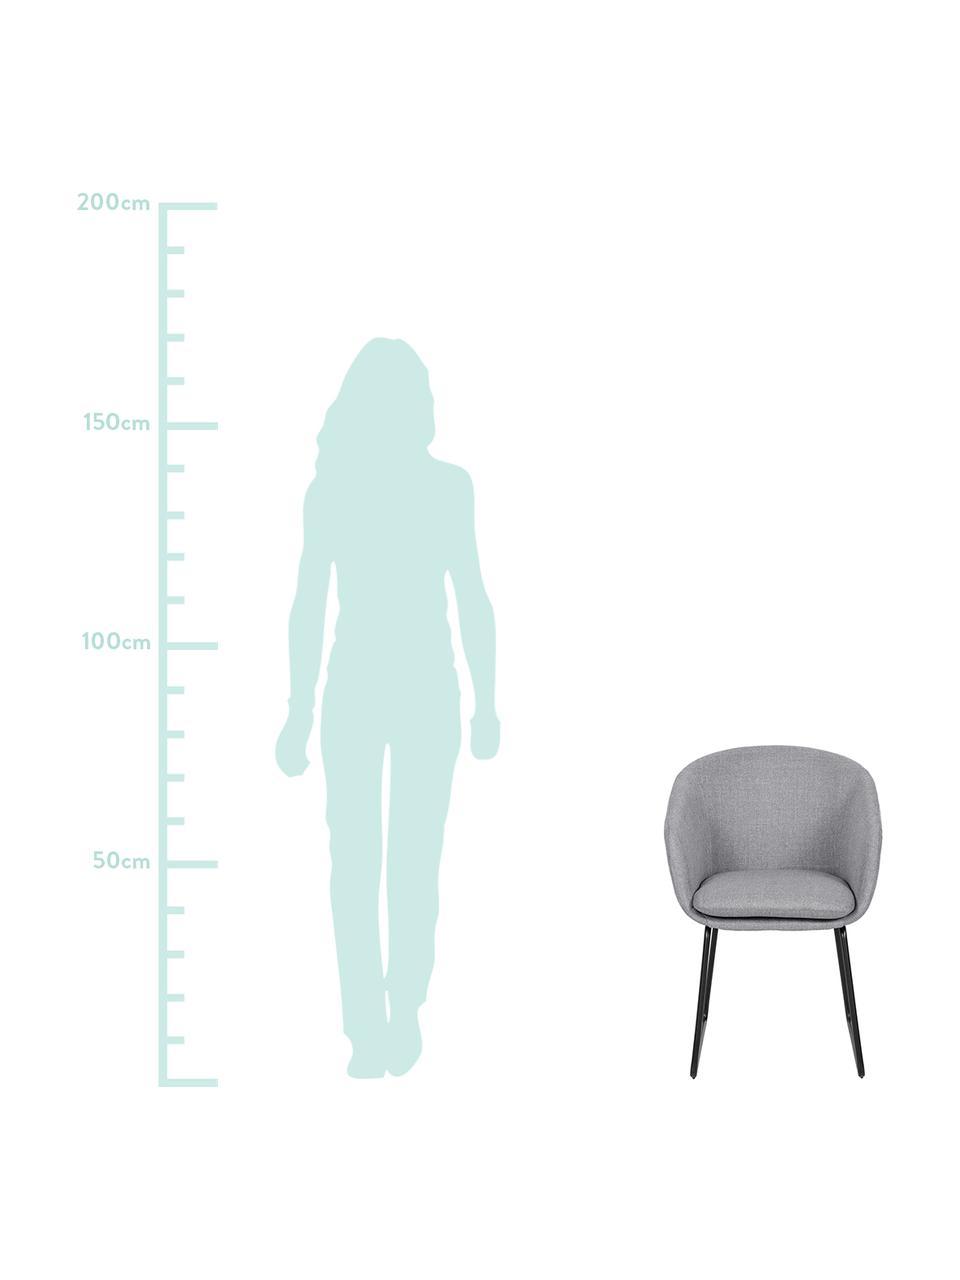 Gepolsterter Armlehnstuhl Juri, Bezug: Polyester Der hochwertige, Beine: Metall, pulverbeschichtet, Hellgrau, B 58 x T 58 cm